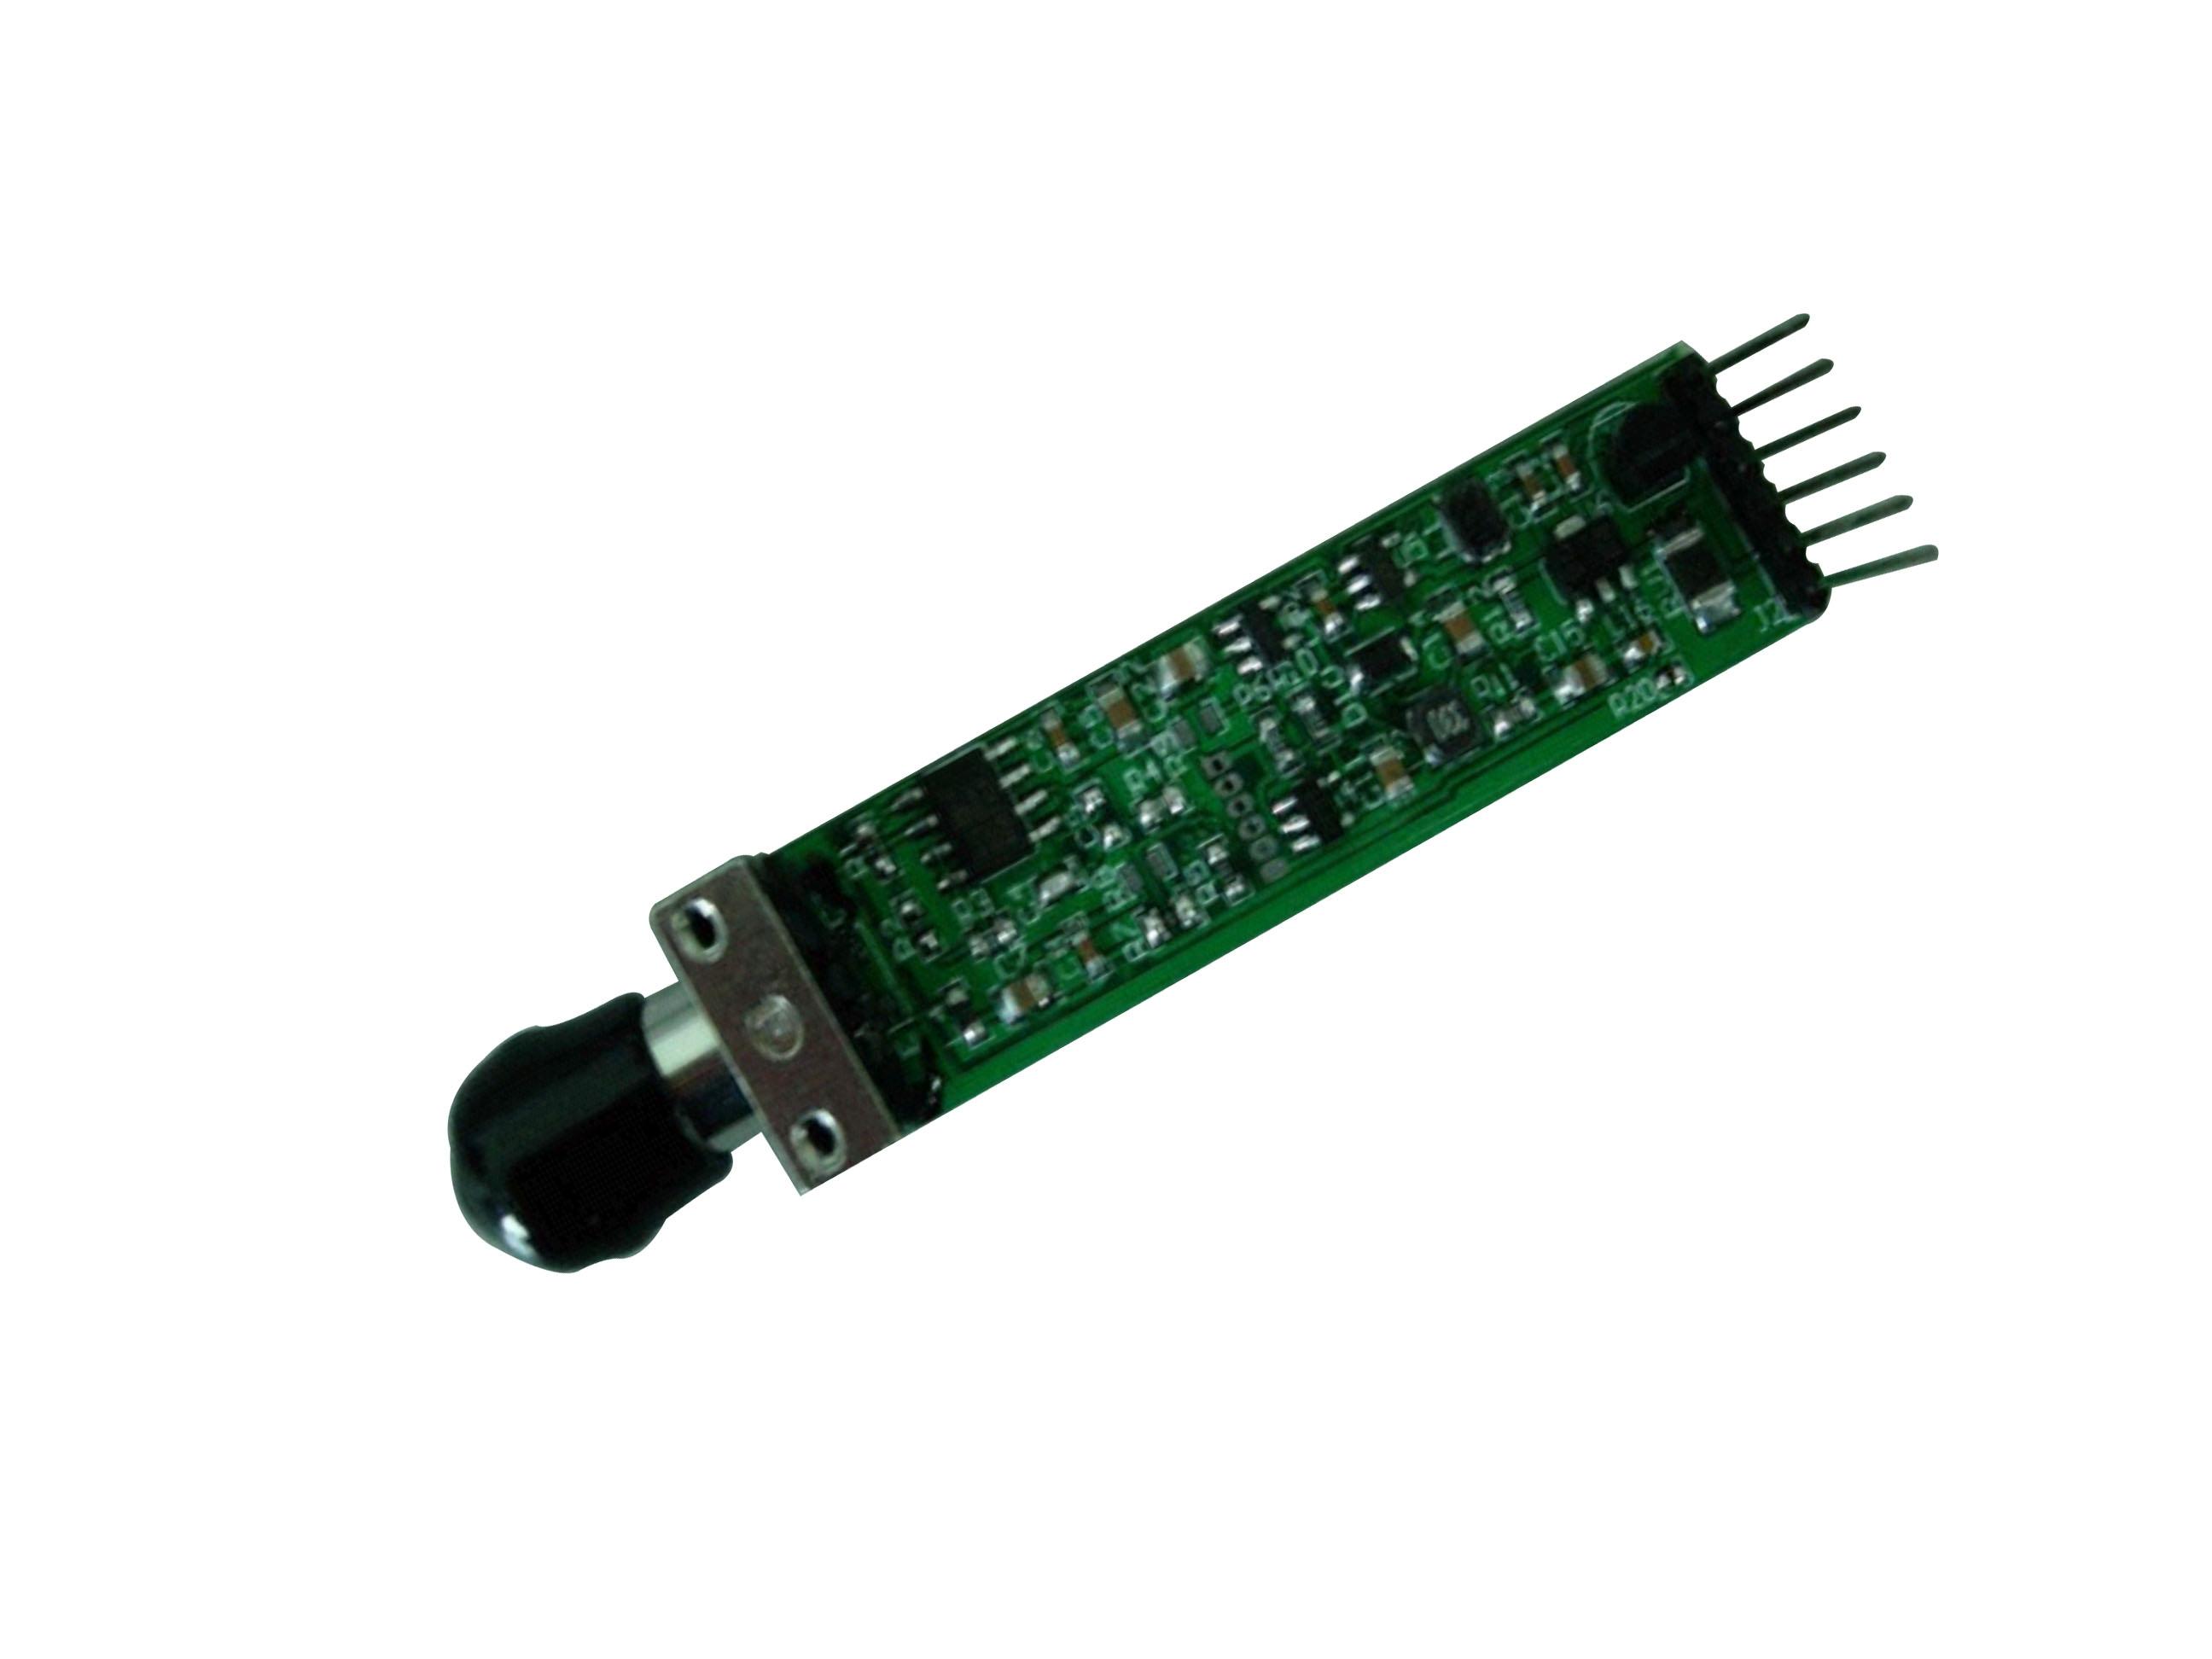 工作电流(  35ma),模块尺寸(79*13*11mm),光纤界面(st),ttl驱动能力(